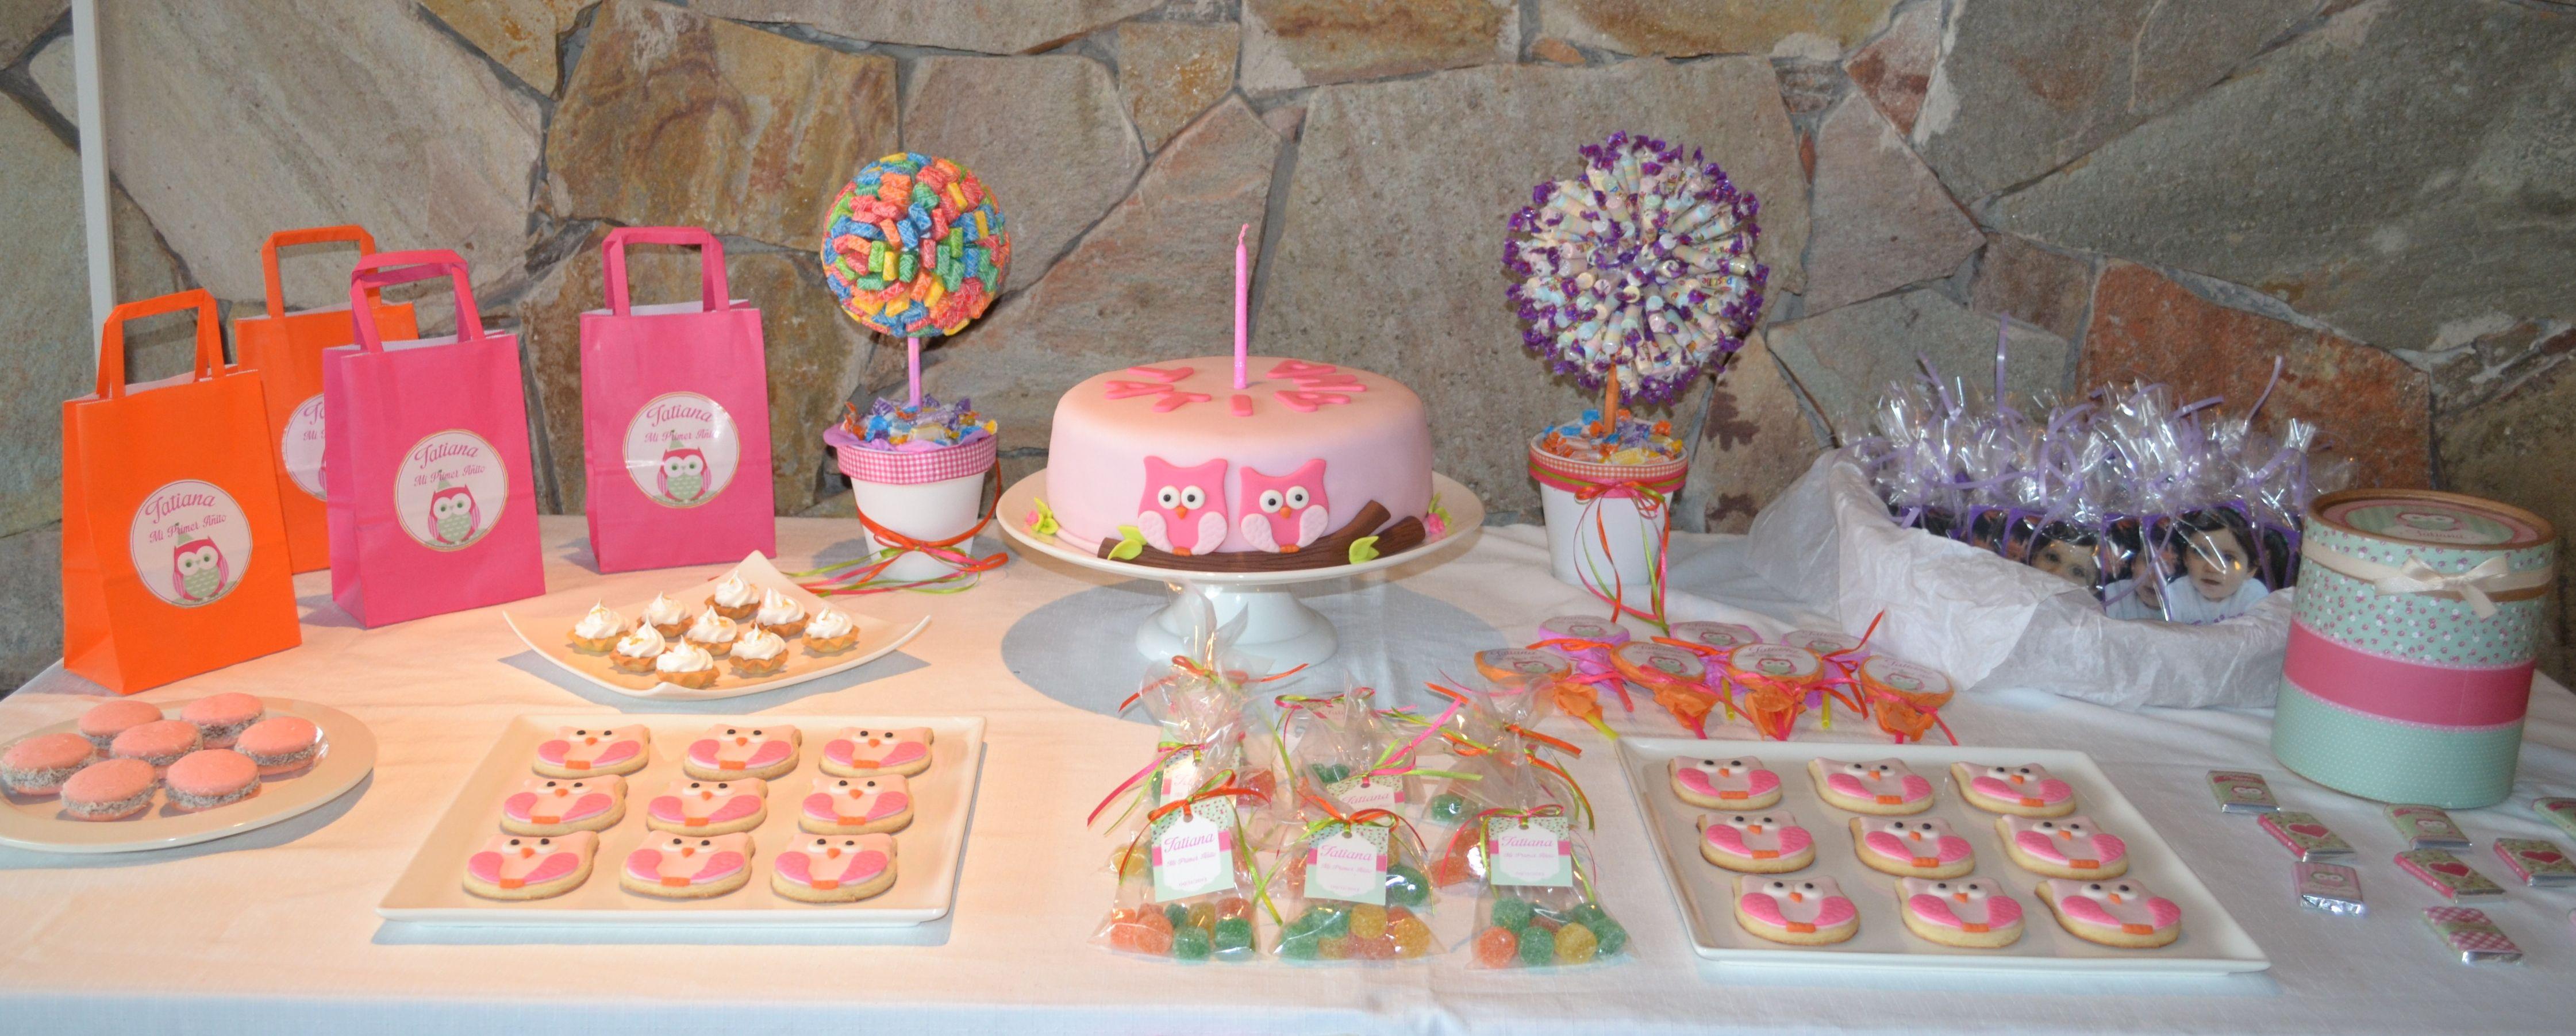 Mesa dulce de b hos y lechuzas comida decorada con b hos - Decoracion con buhos ...